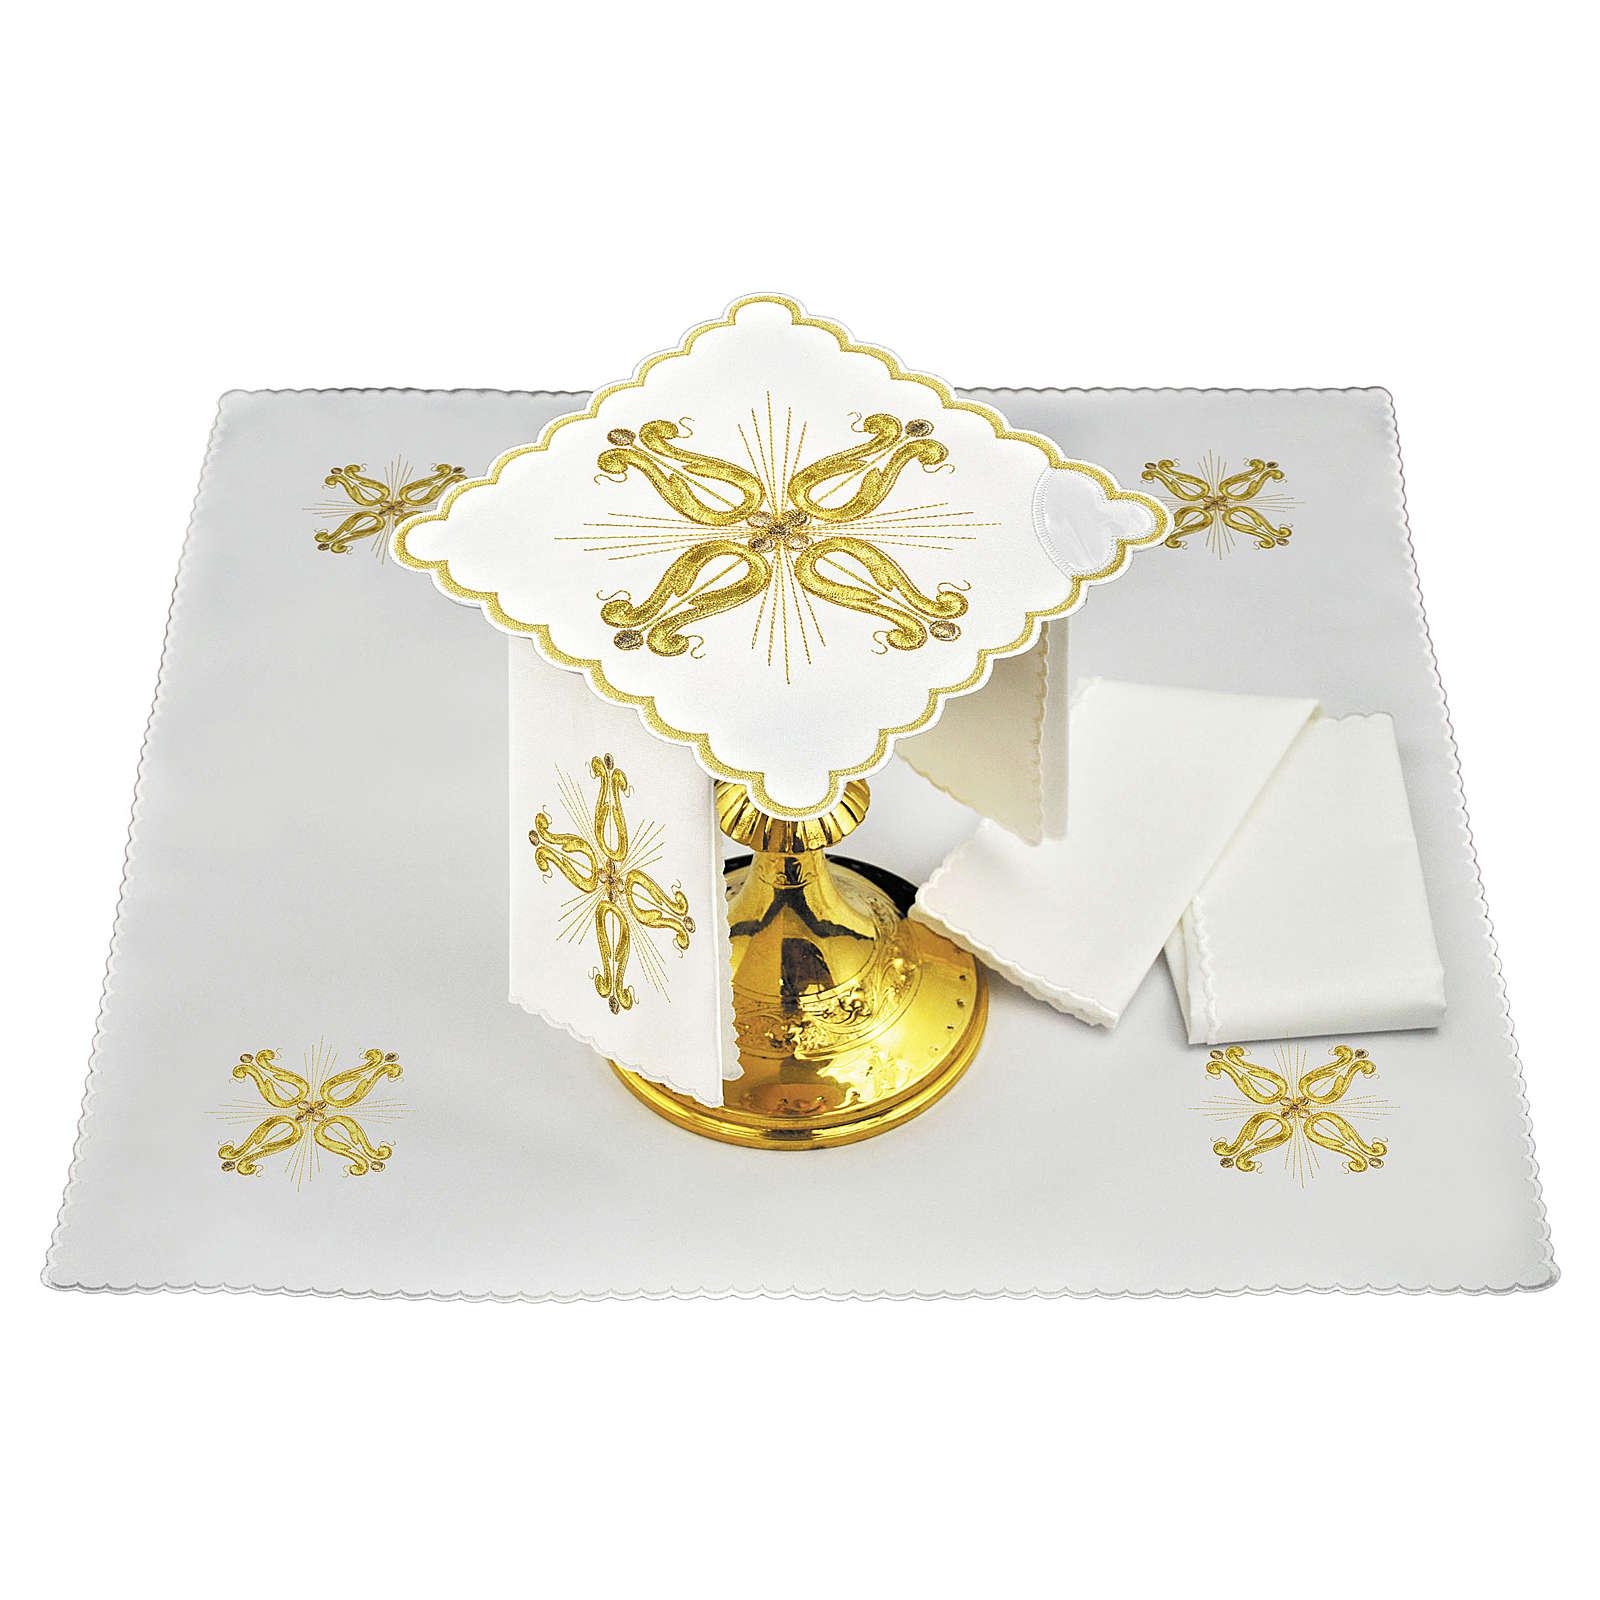 Servicio de altar hilo cruz dorada barroca con flor central 4